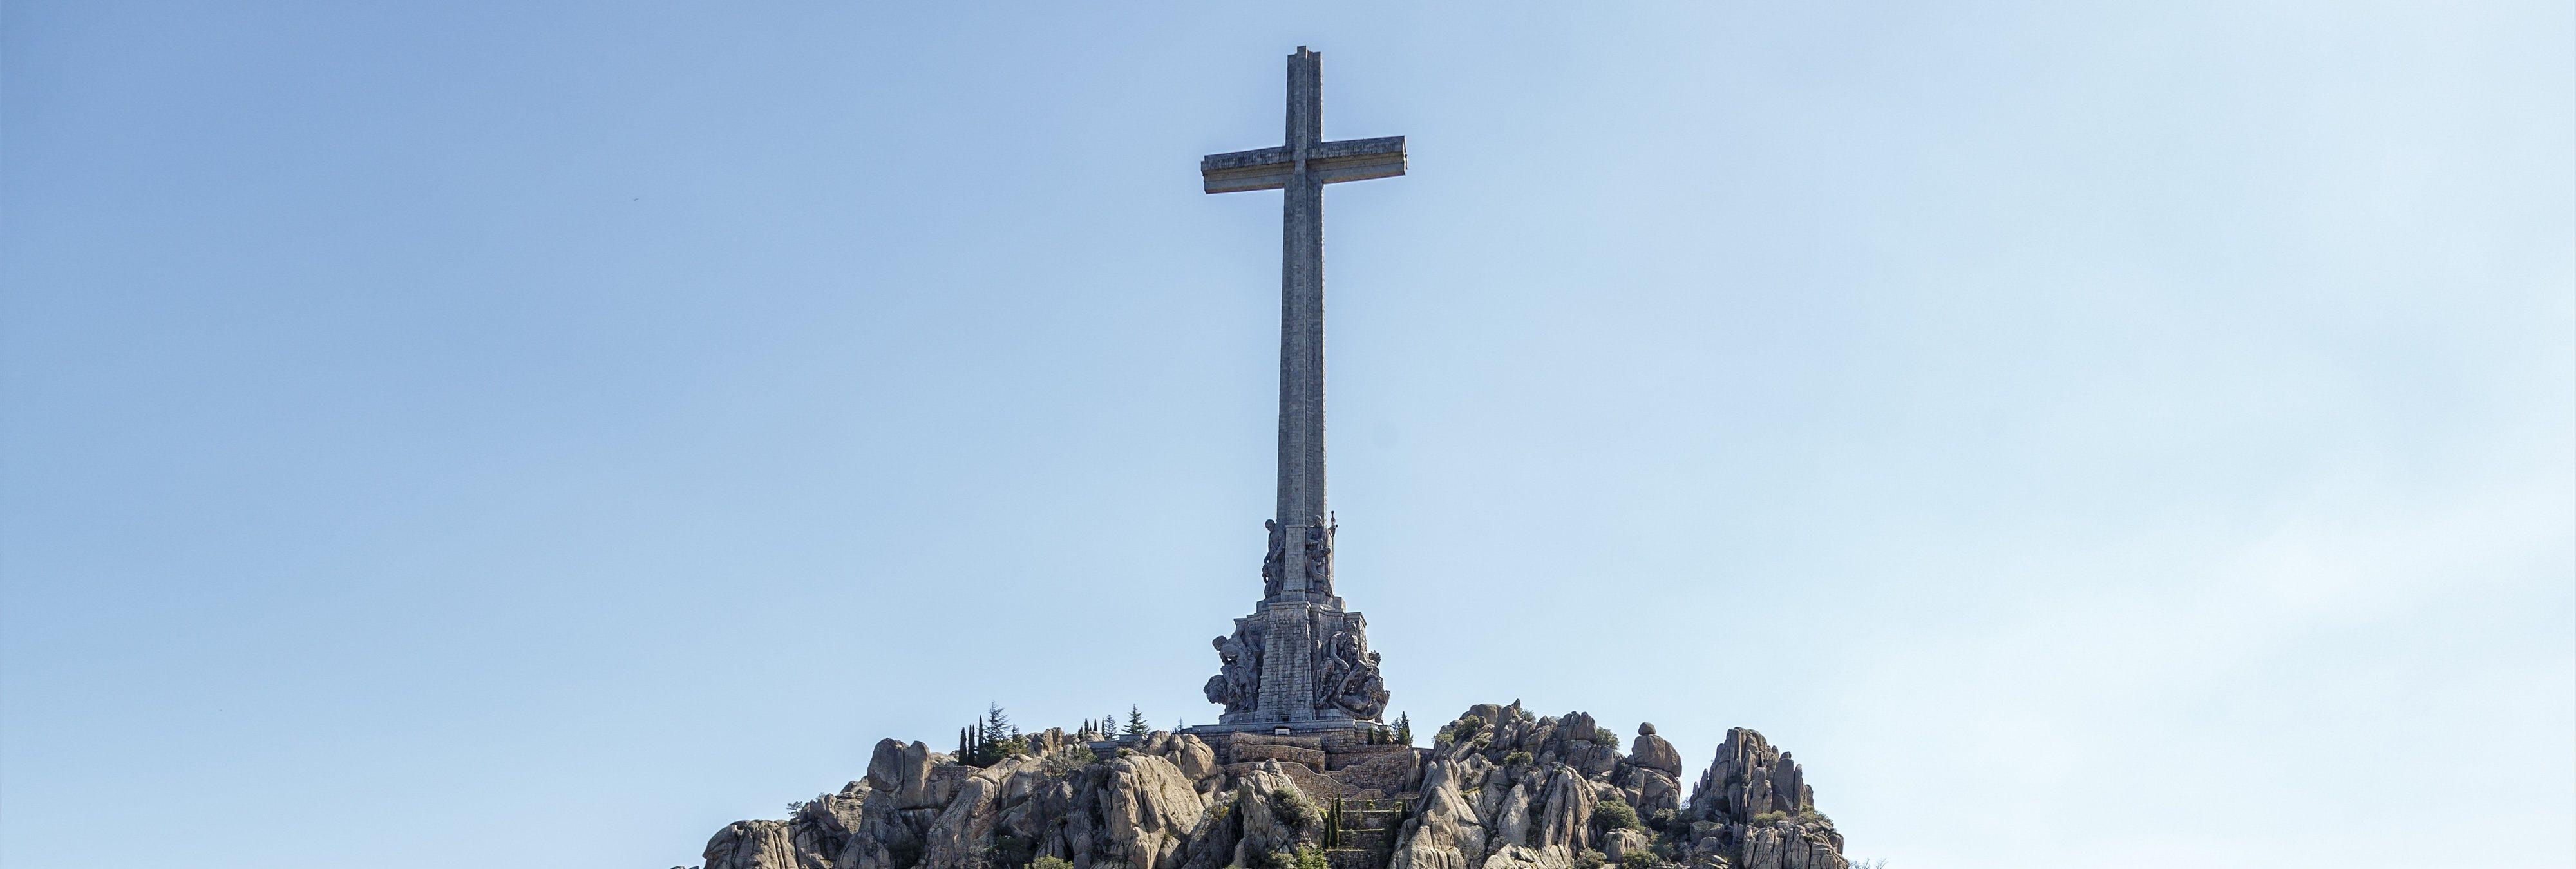 El Gobierno aprueba exhumar a Franco del Valle de los Caídos con la abstención de PP y C's